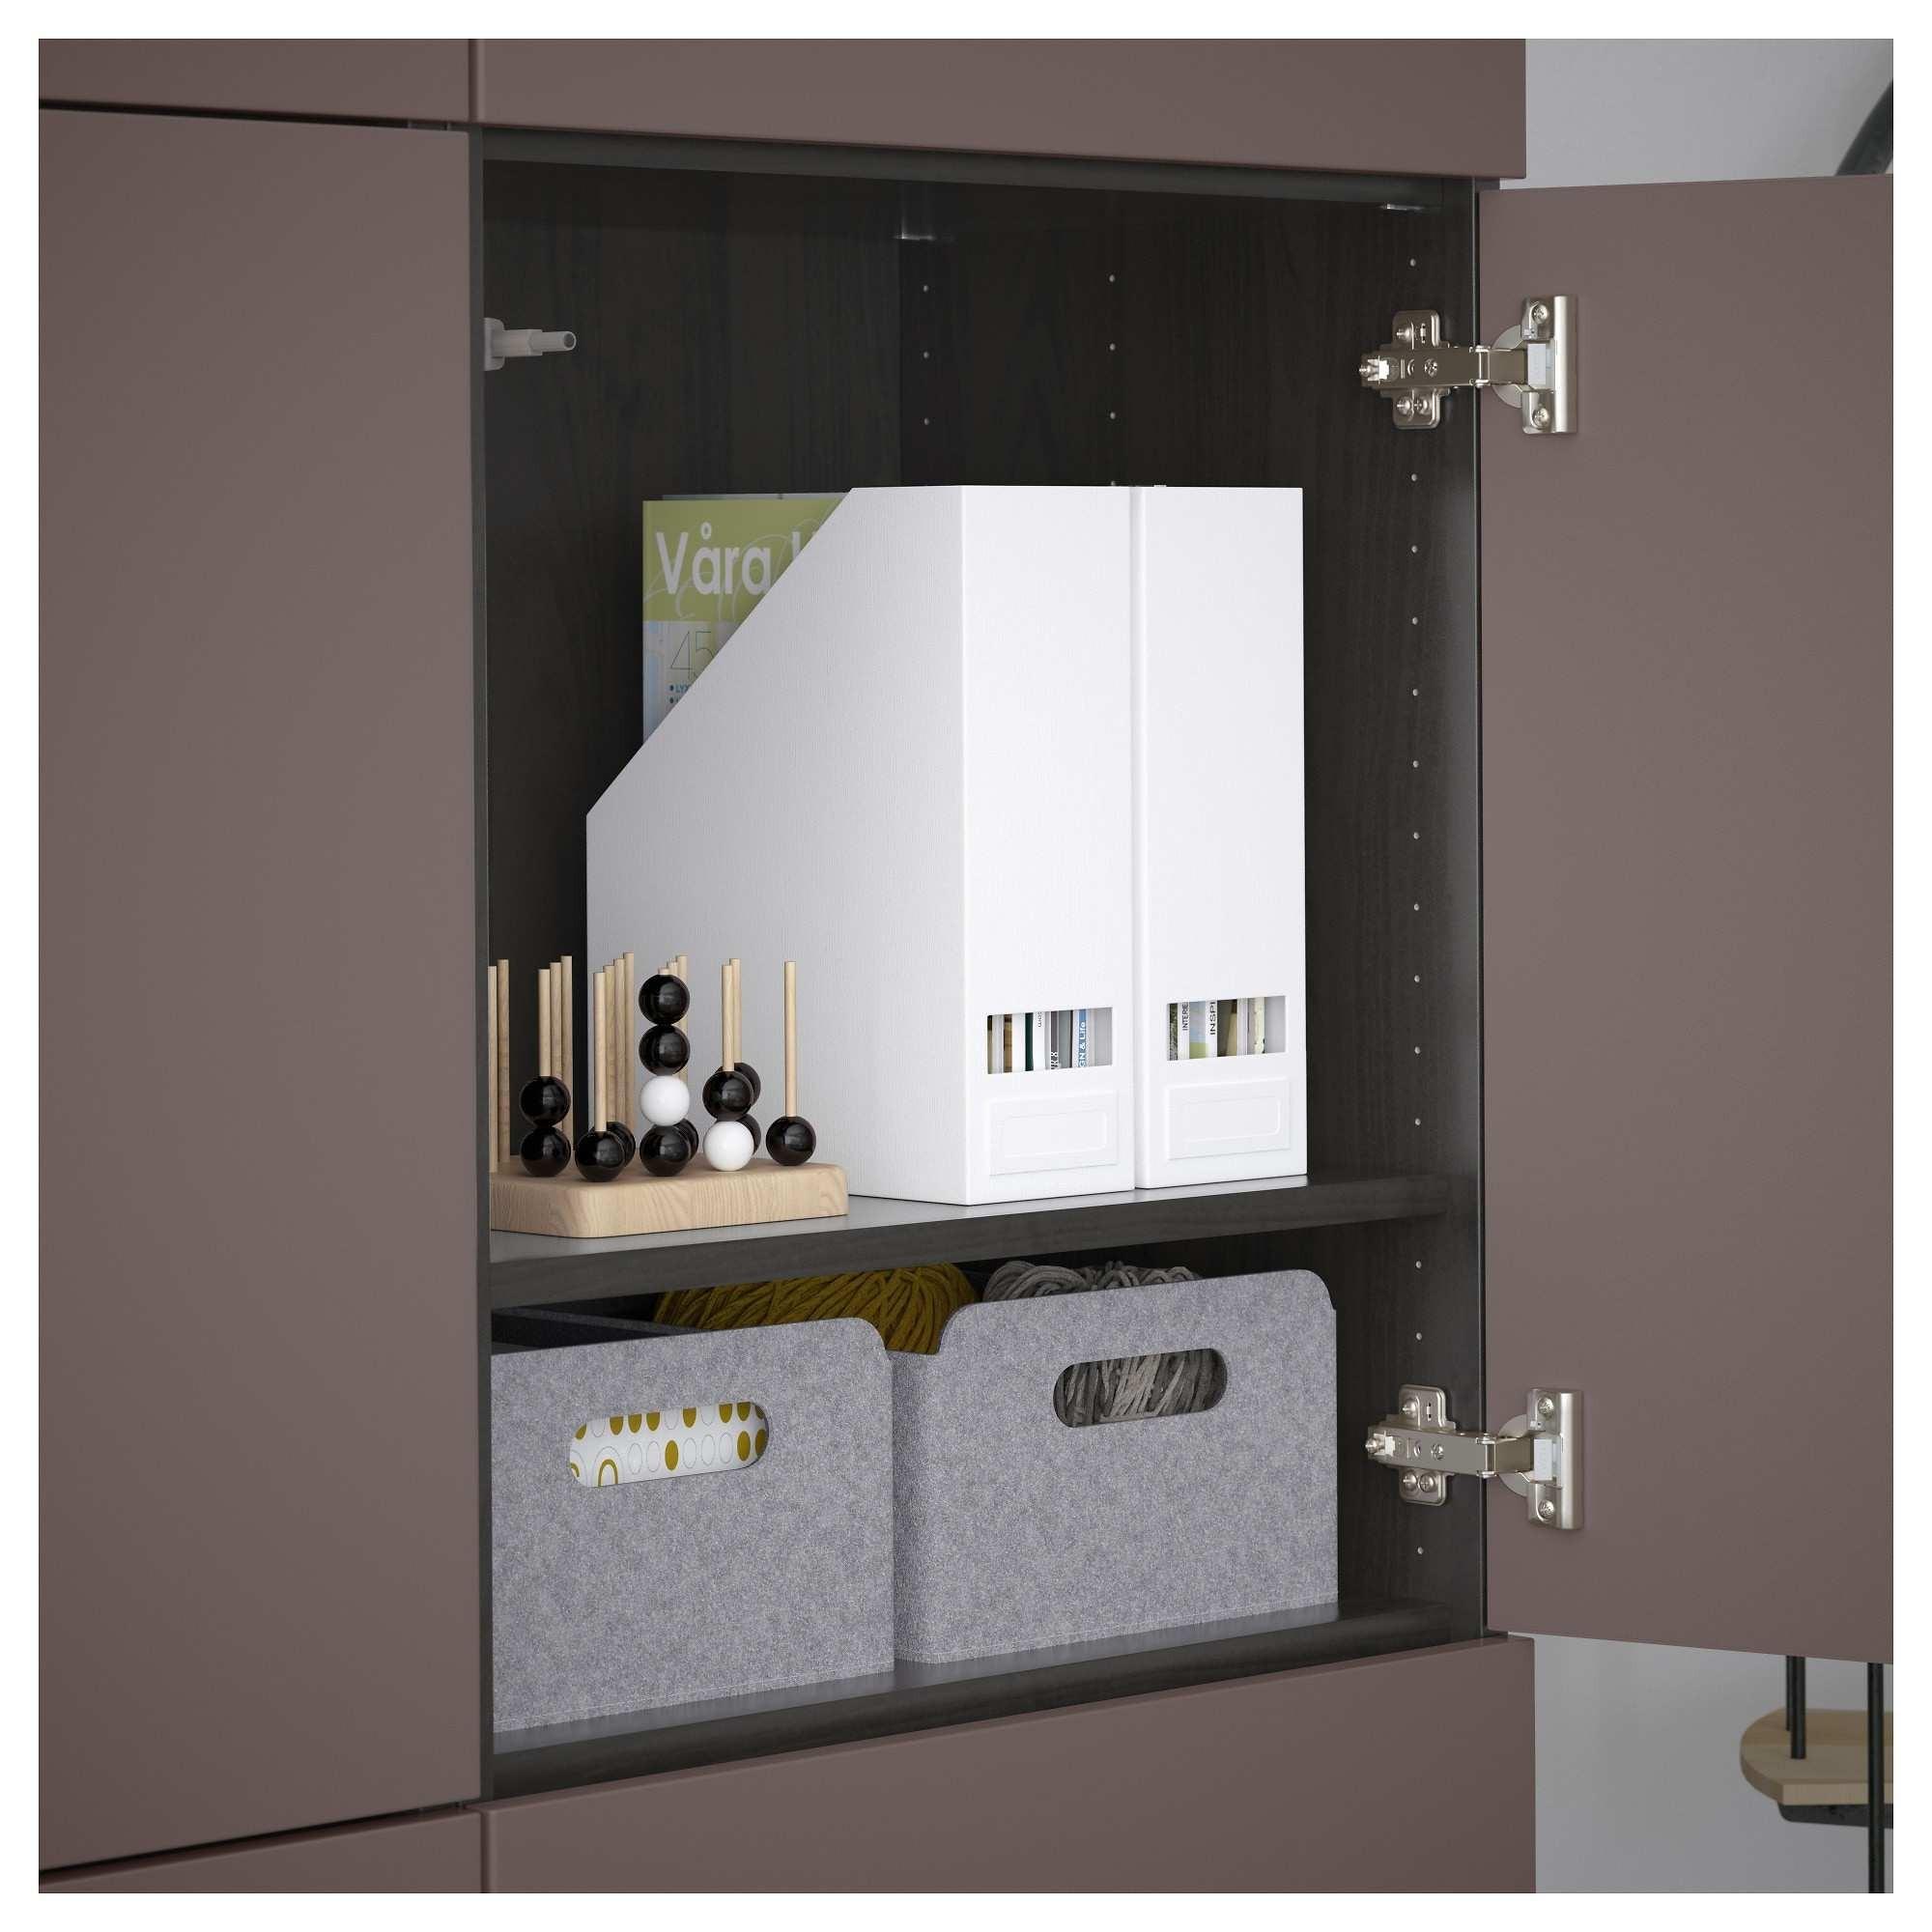 Planificador Armarios Ikea Recién Best… Mueble De Sal³n Con Almacenaje Negro Marr³n Valviken Marr³n